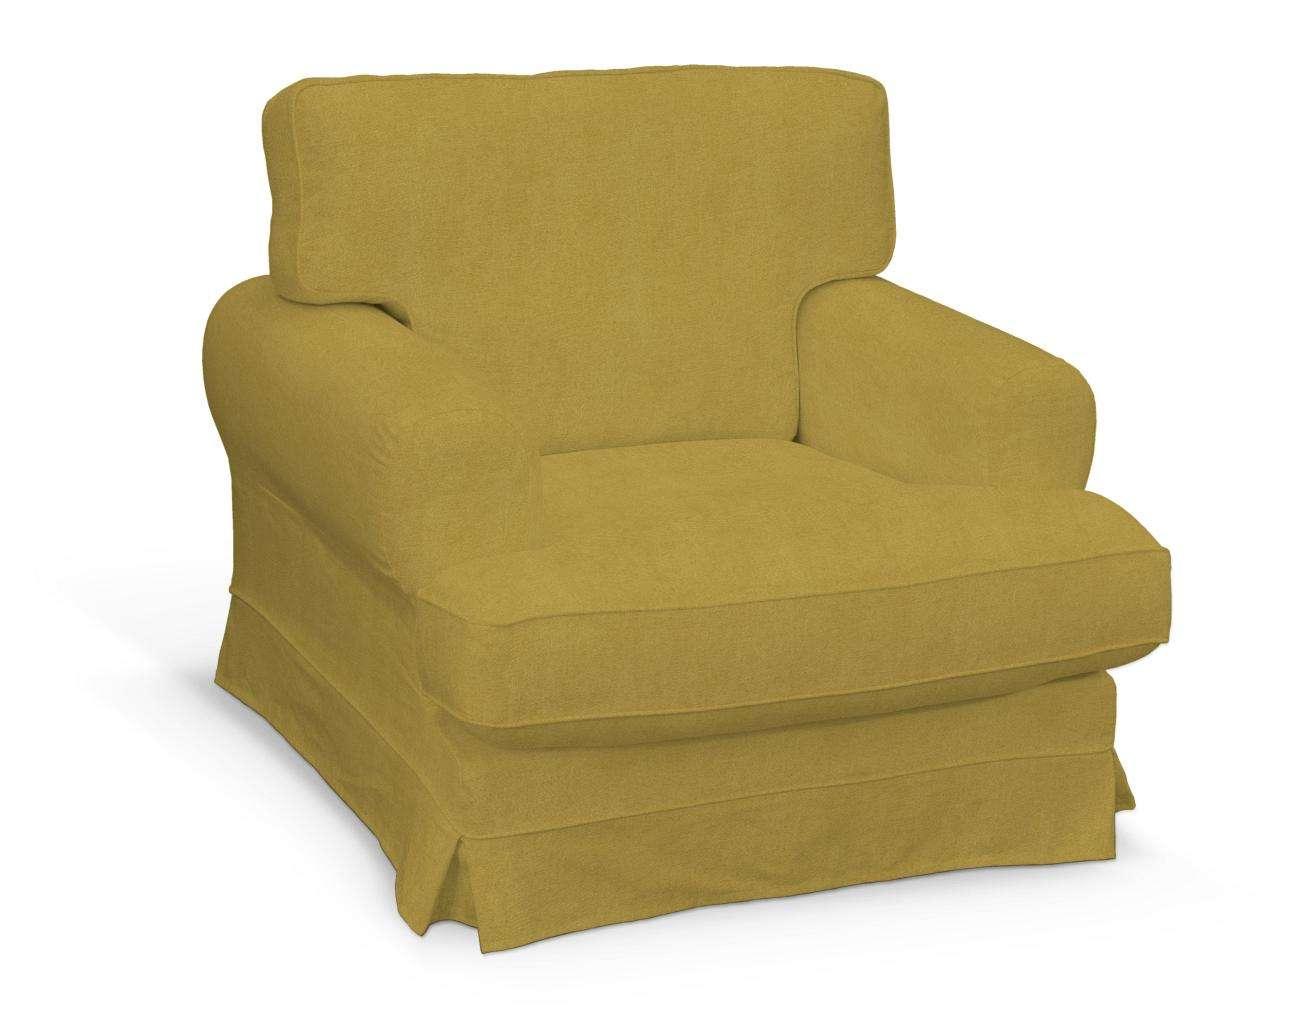 Pokrowiec na fotel Ekeskog w kolekcji Etna, tkanina: 705-04